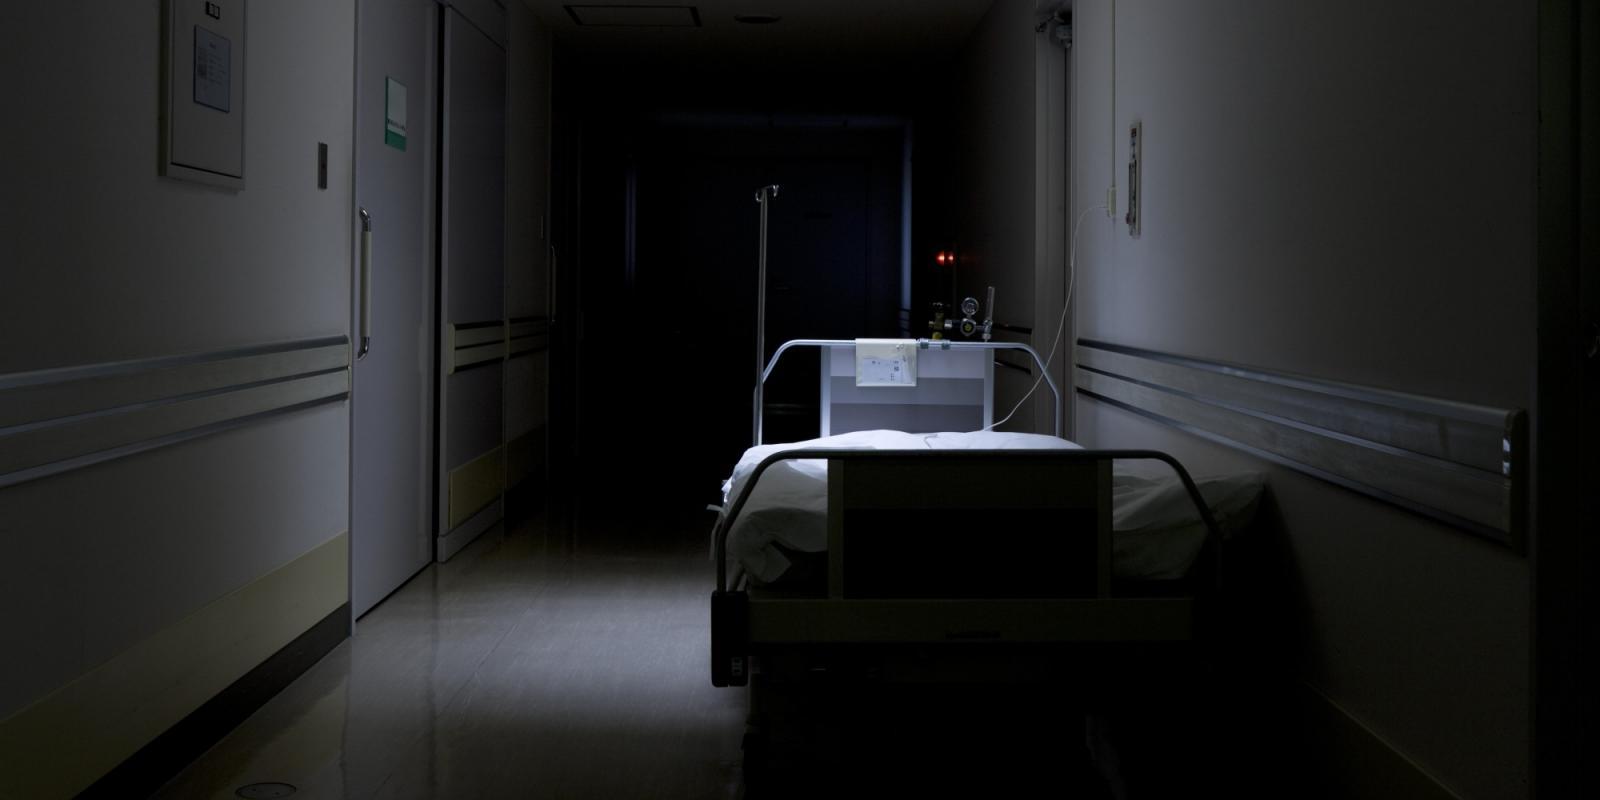 Новые случаи коронавируса выявили в 12 муниципалитетах Брянской области